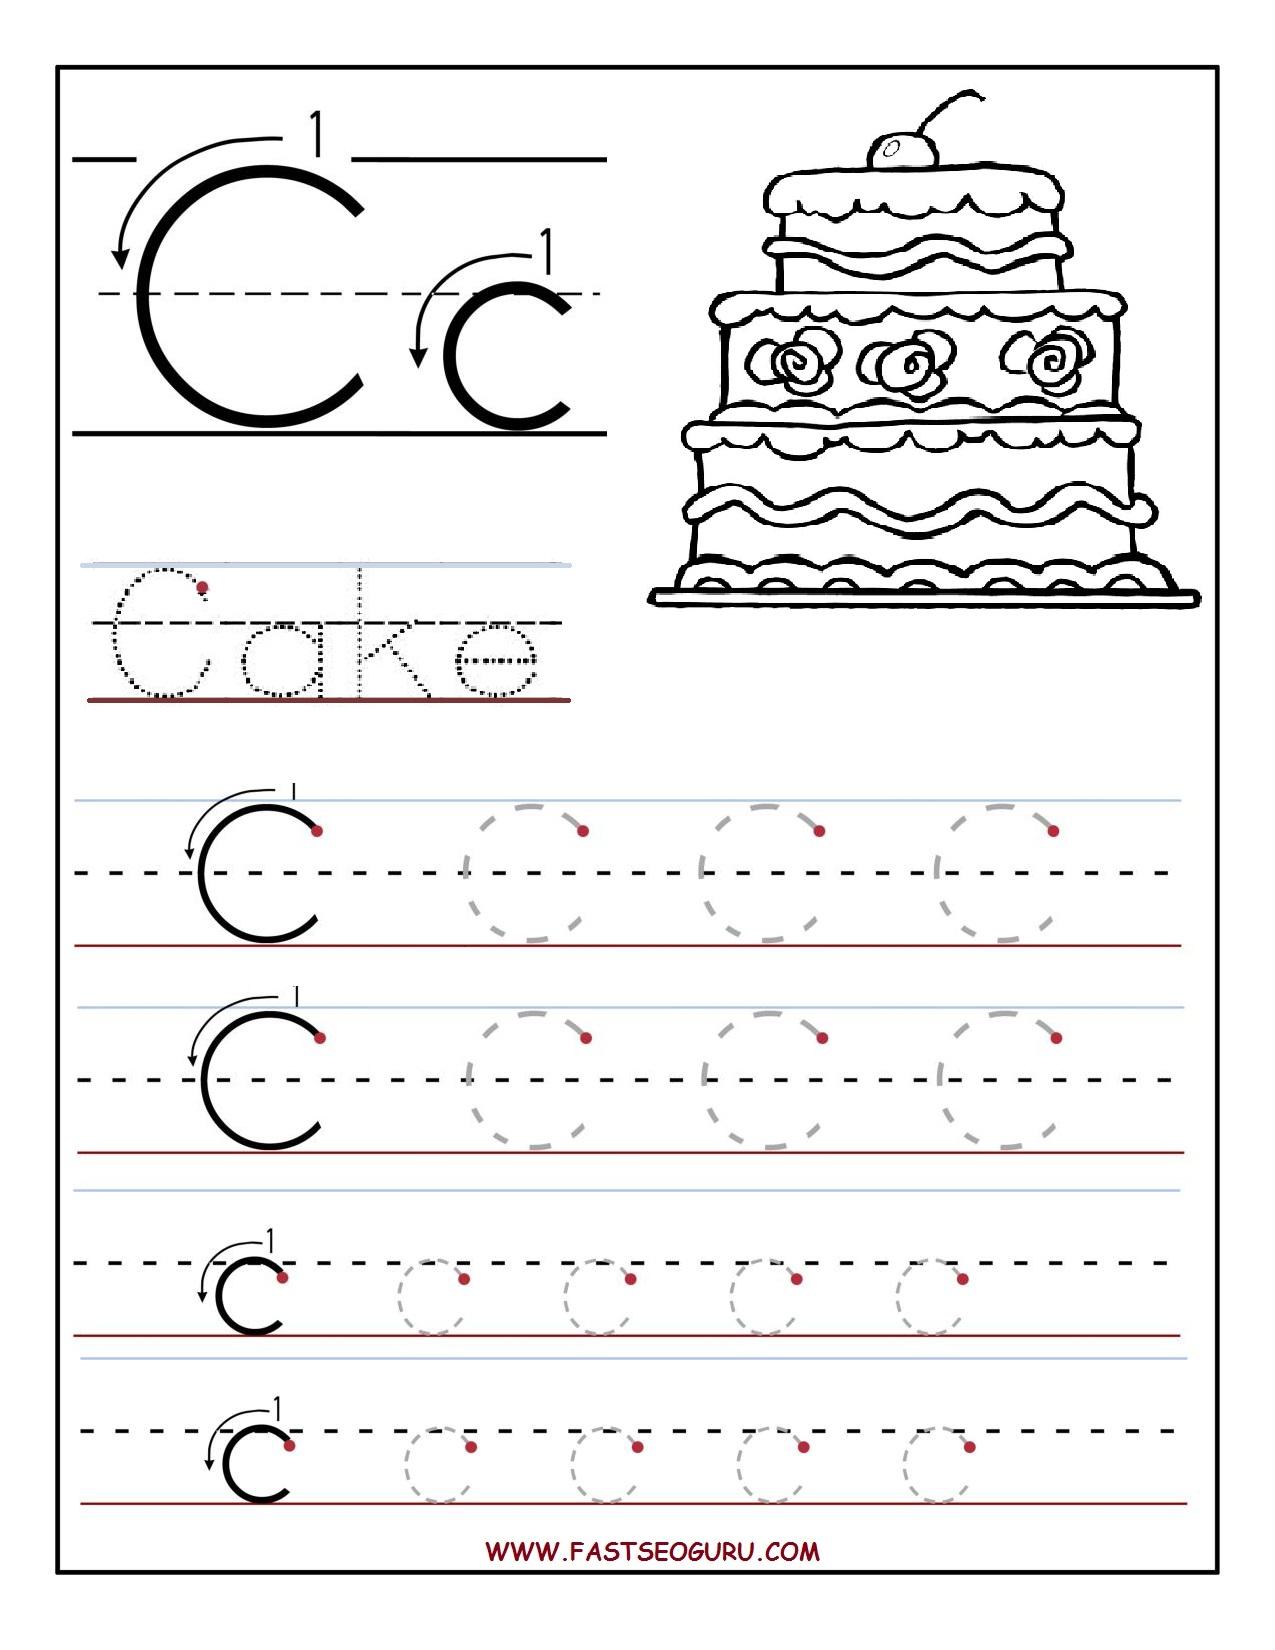 Letter C Worksheets | Gplusnick - Free Printable Letter C Worksheets